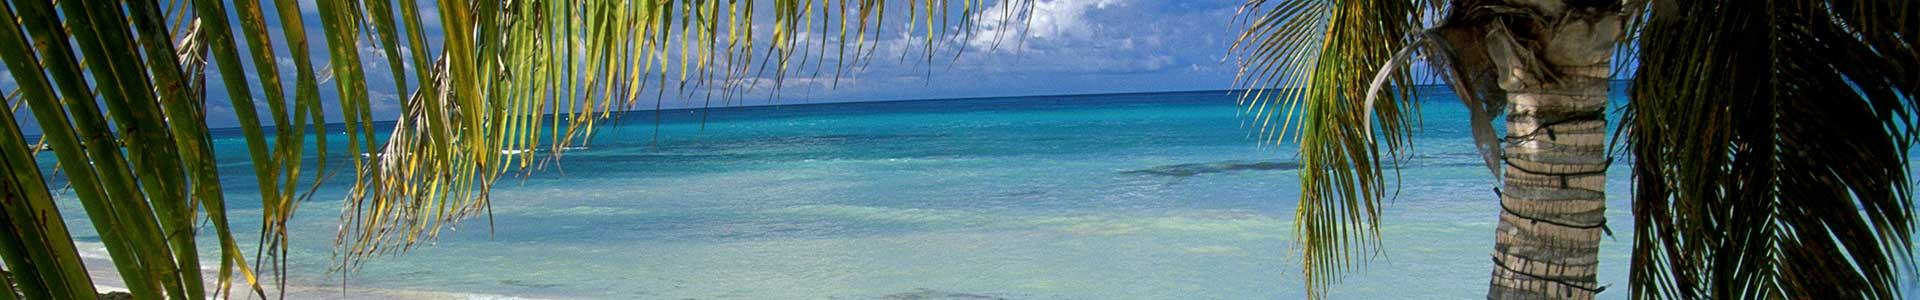 Voyage à Aruba - TUI